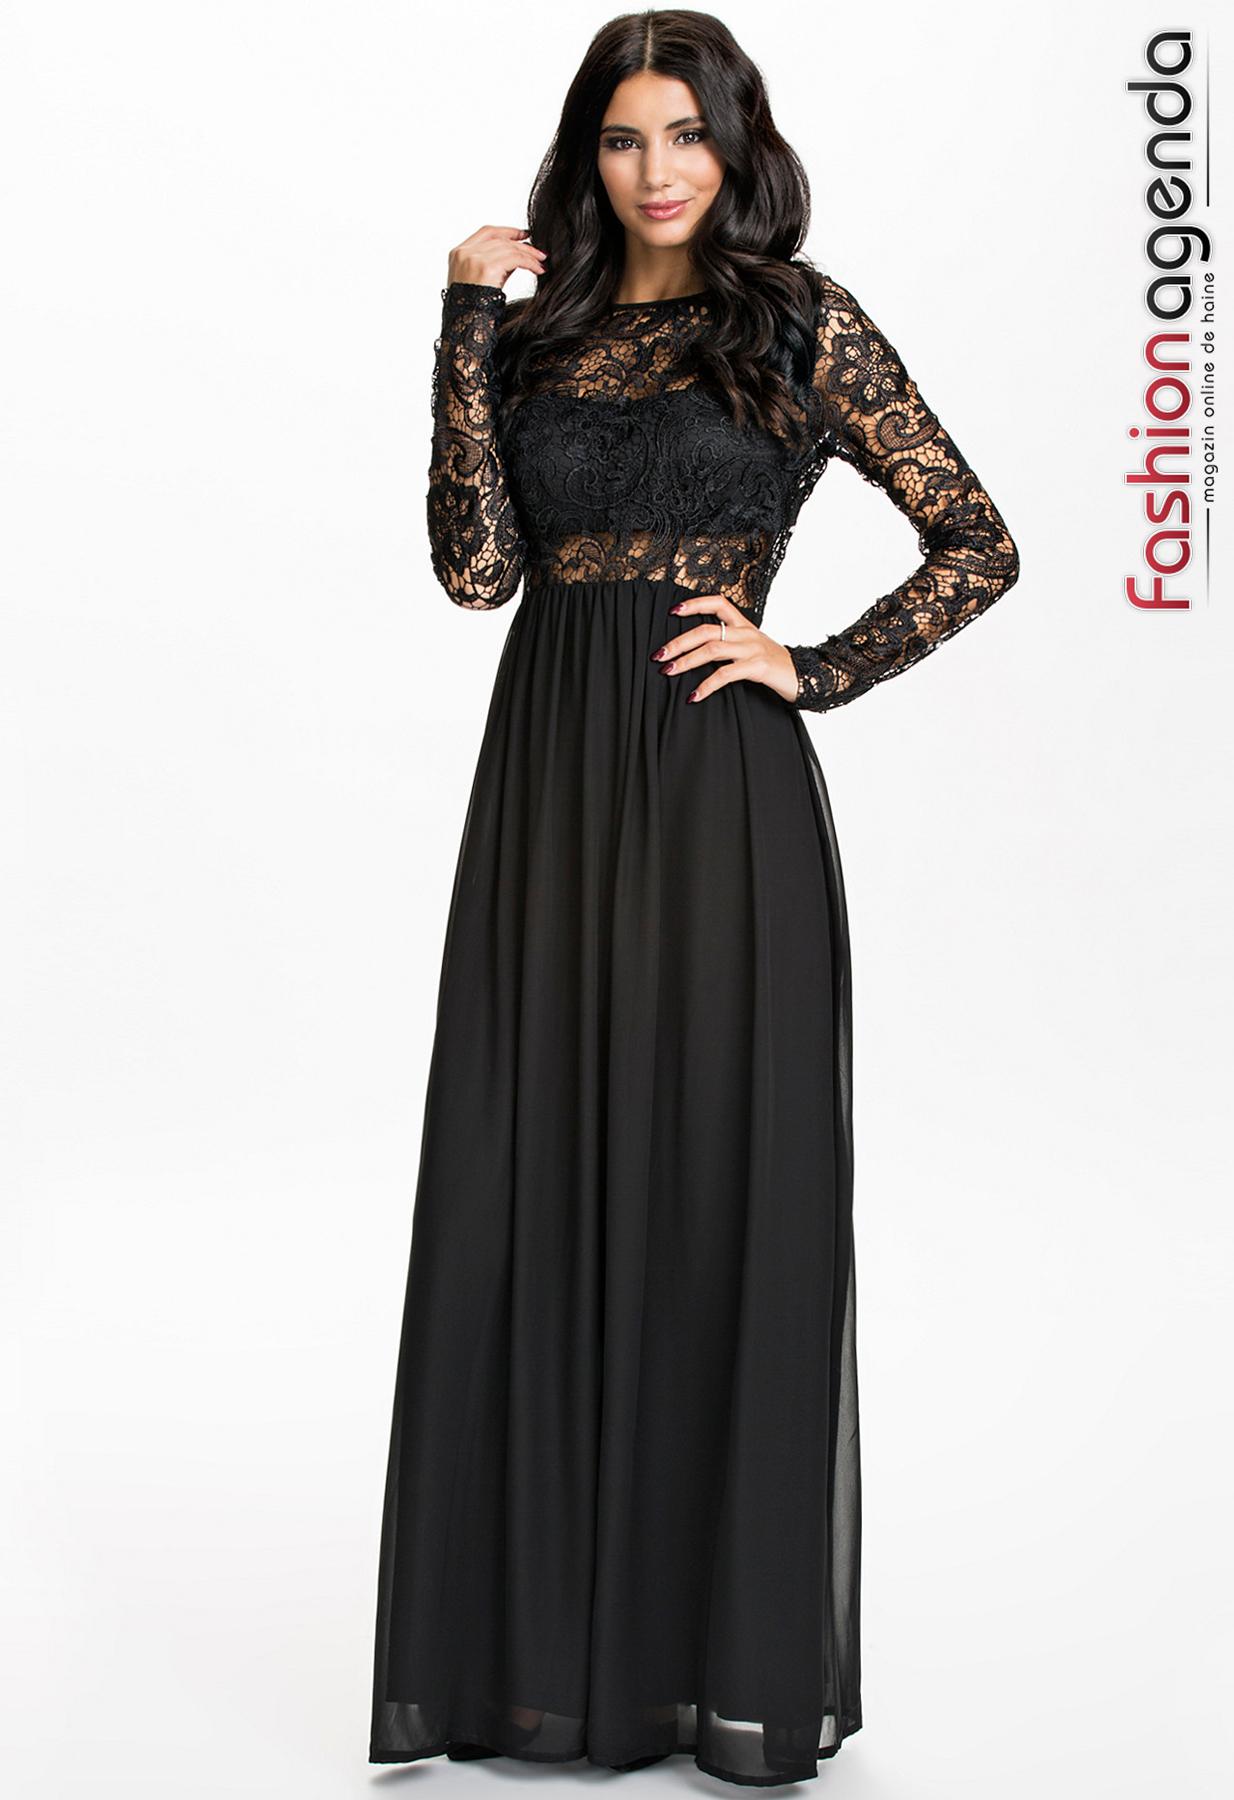 Rochie Lunga Neagra Dream Fashionagenda 01 Rochii Ocazie Xxl Online Preturi